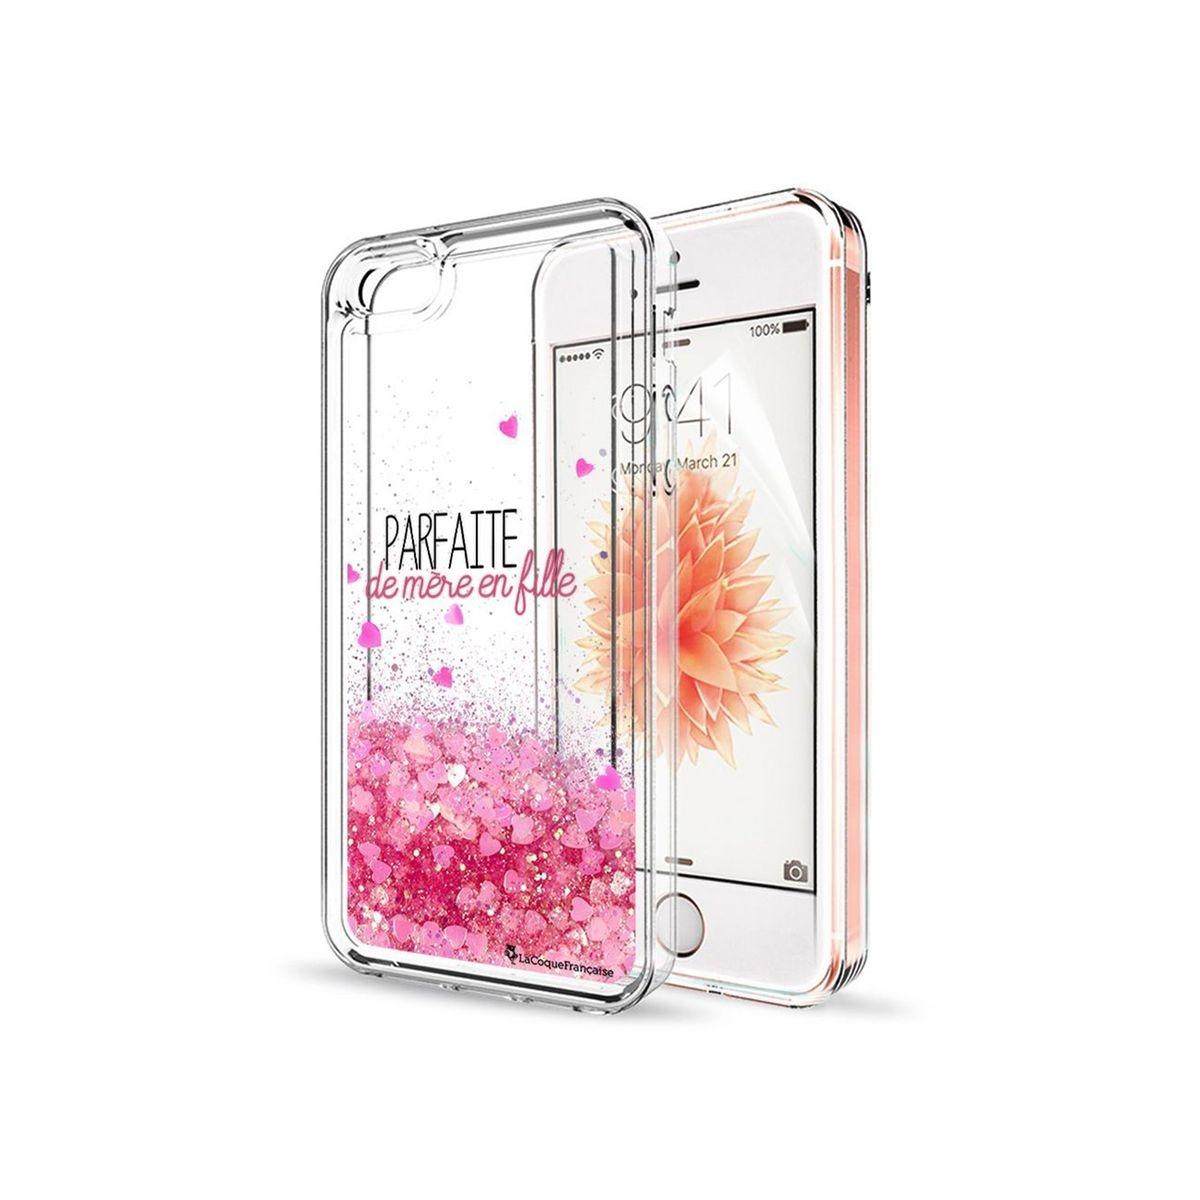 Coque iPhone 5/5S/SE paillettes liquides rose, Parfaite de mère en fille, La Coque Francaise®